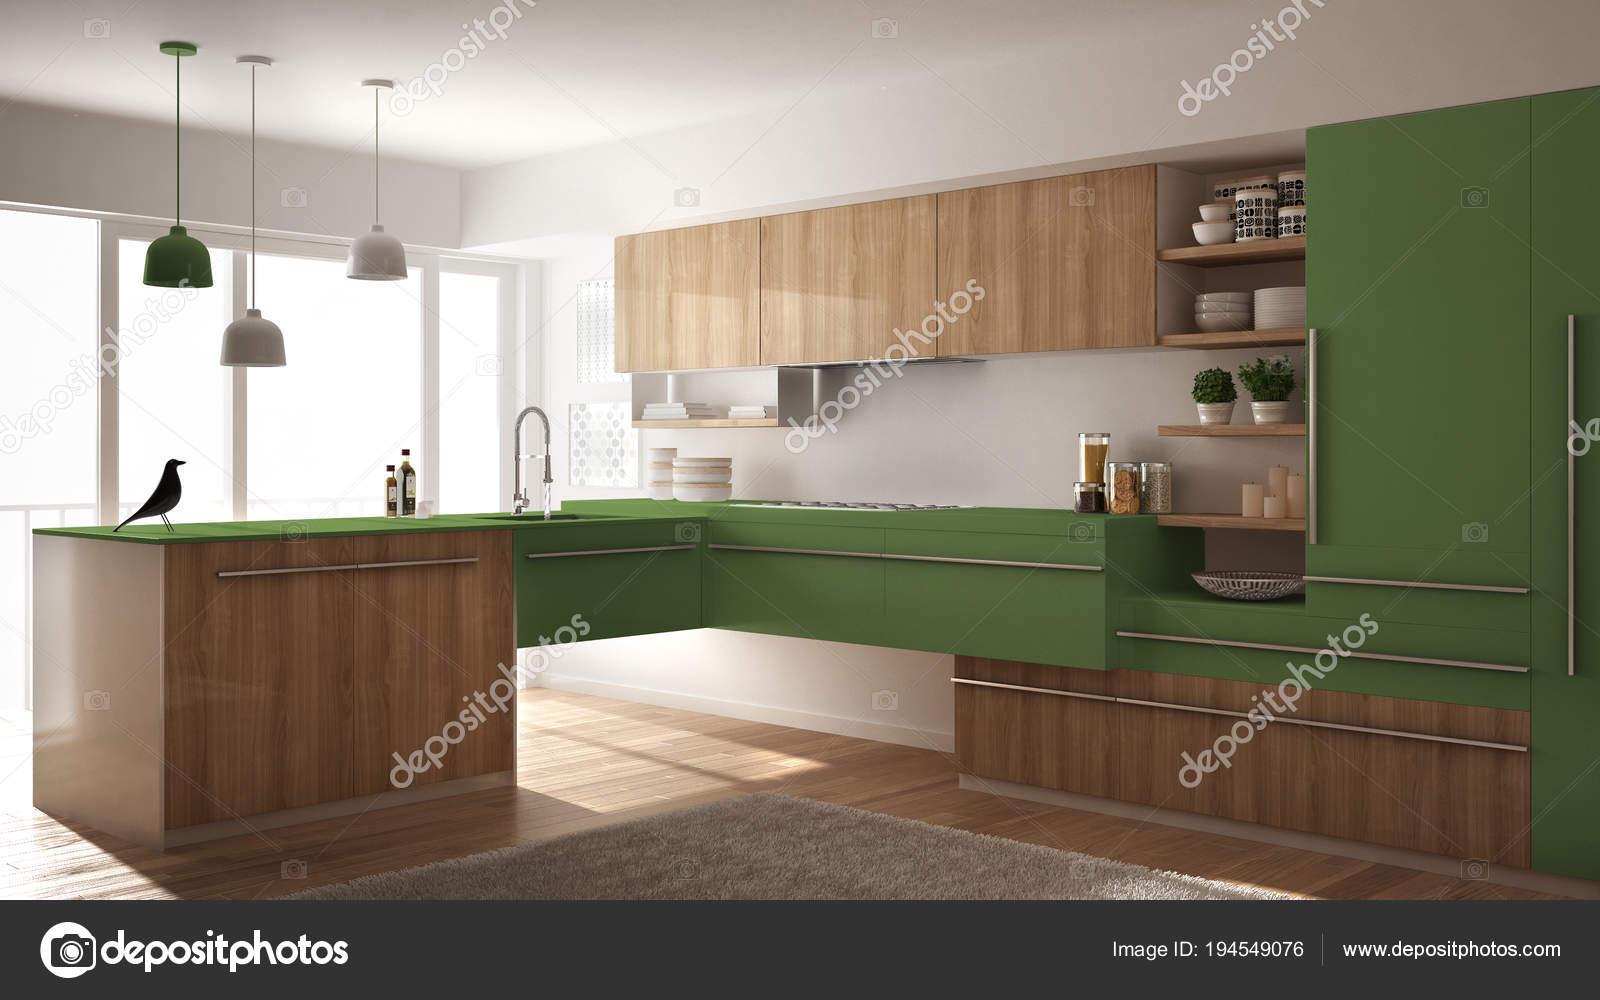 cuisine en bois minimaliste moderne avec sol en parquet, tapis et